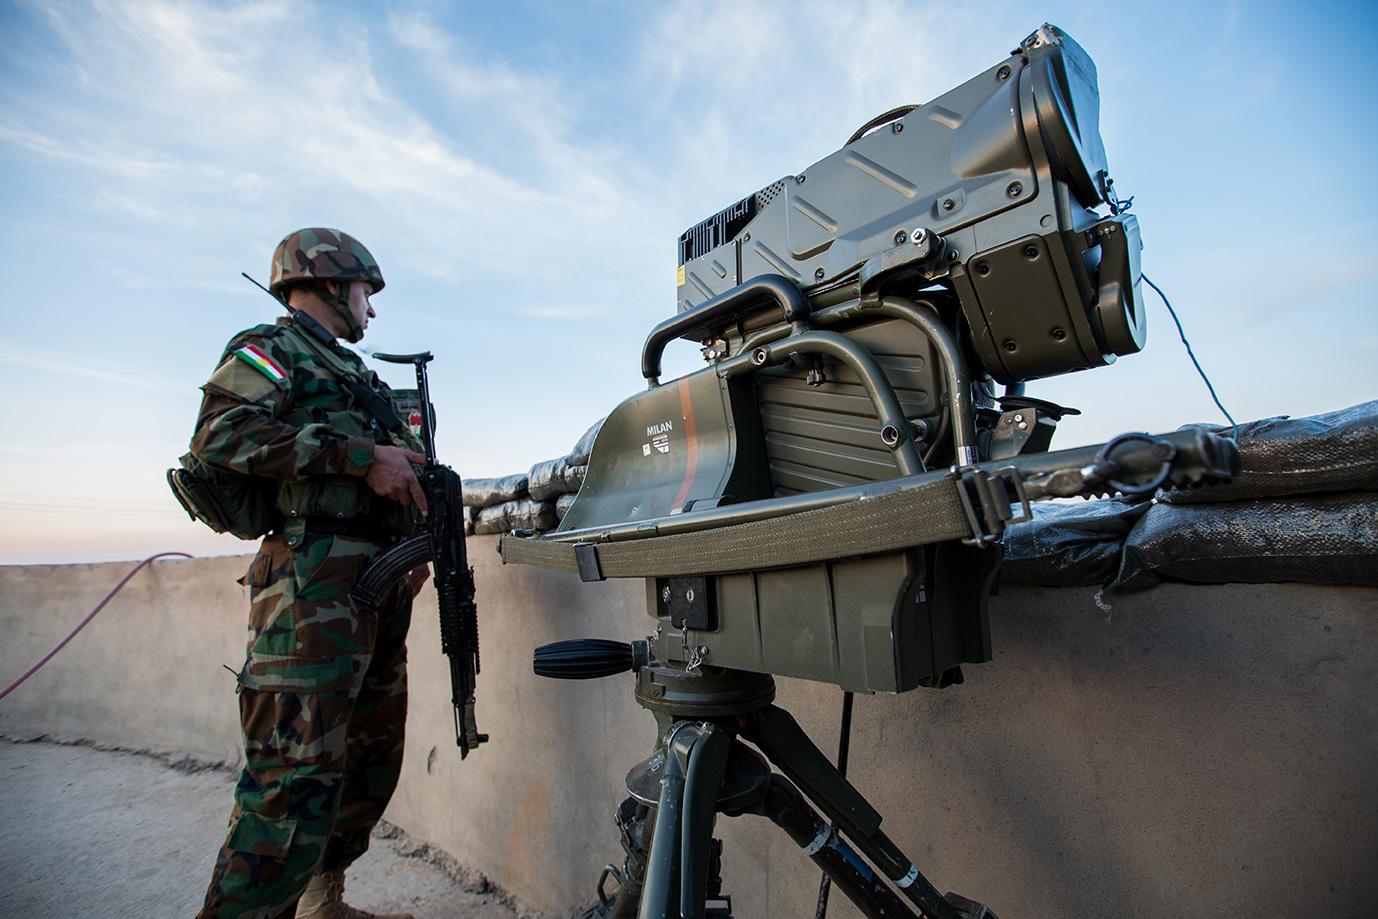 17_milan-german-peshmerga-frontline